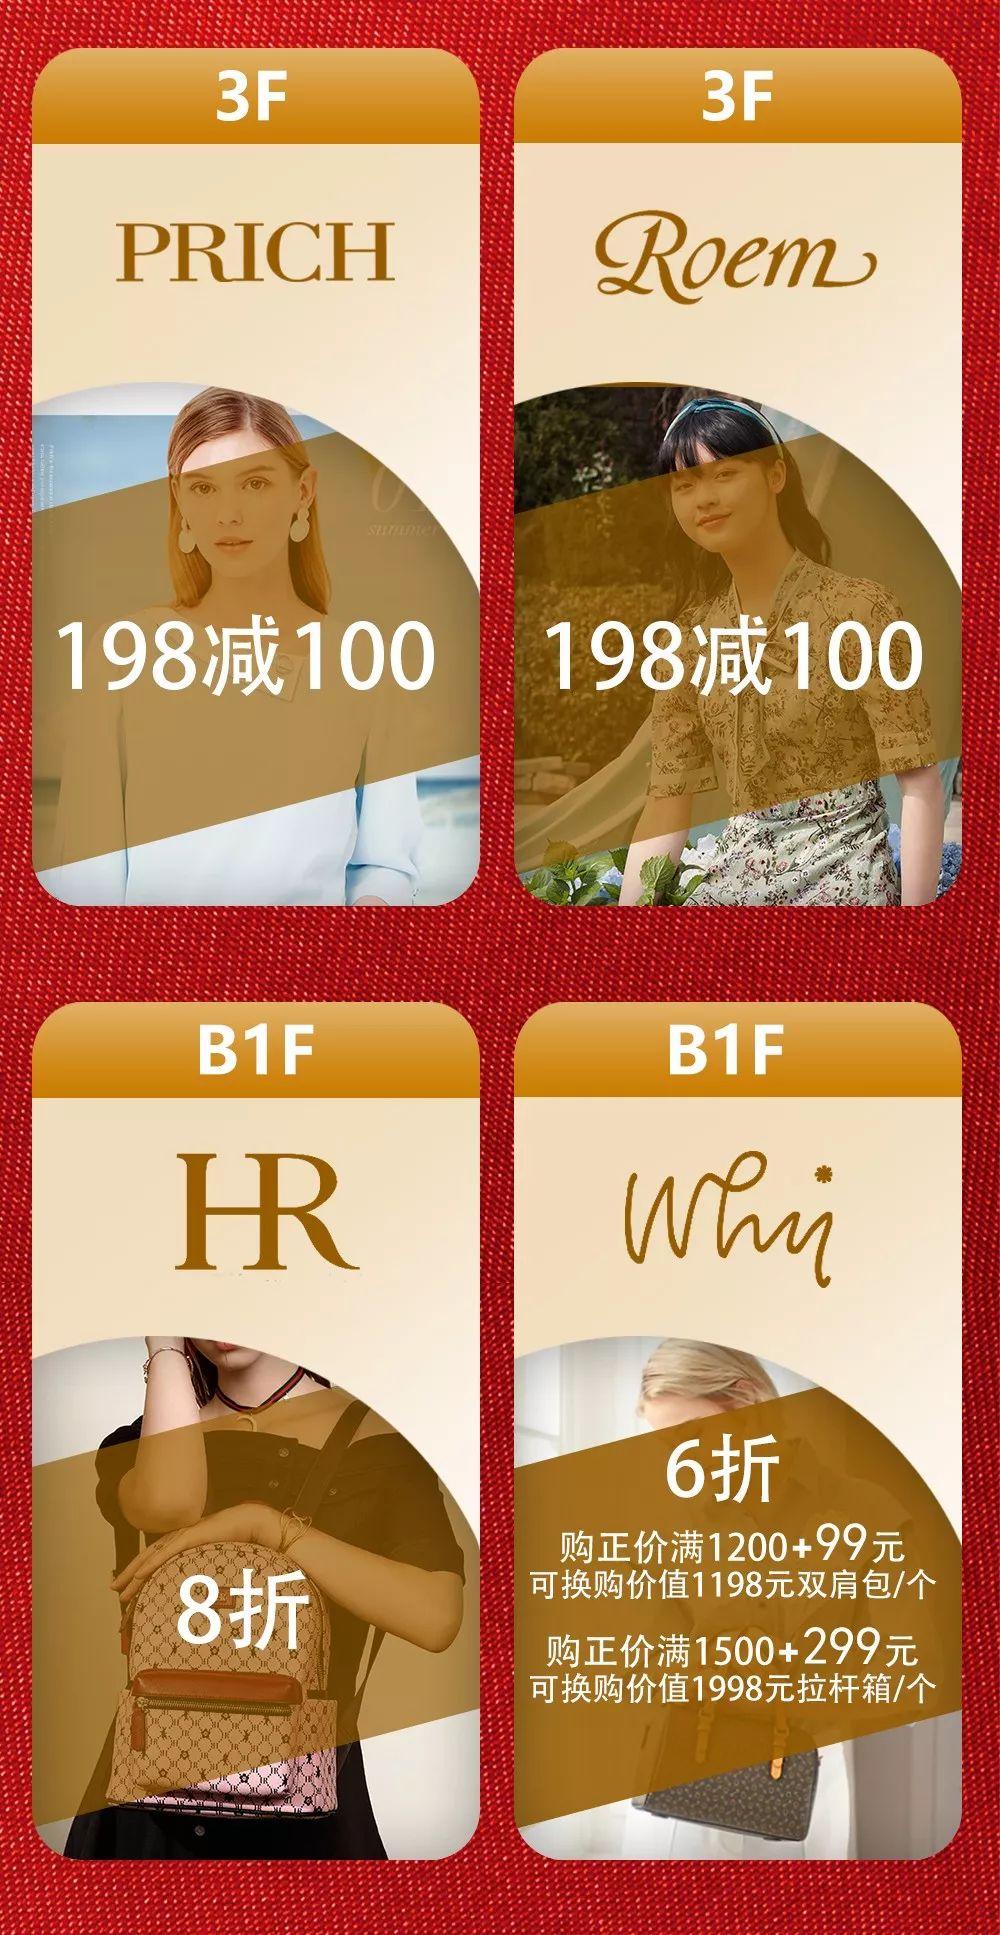 上海置地广场2019五一节品牌折扣一览